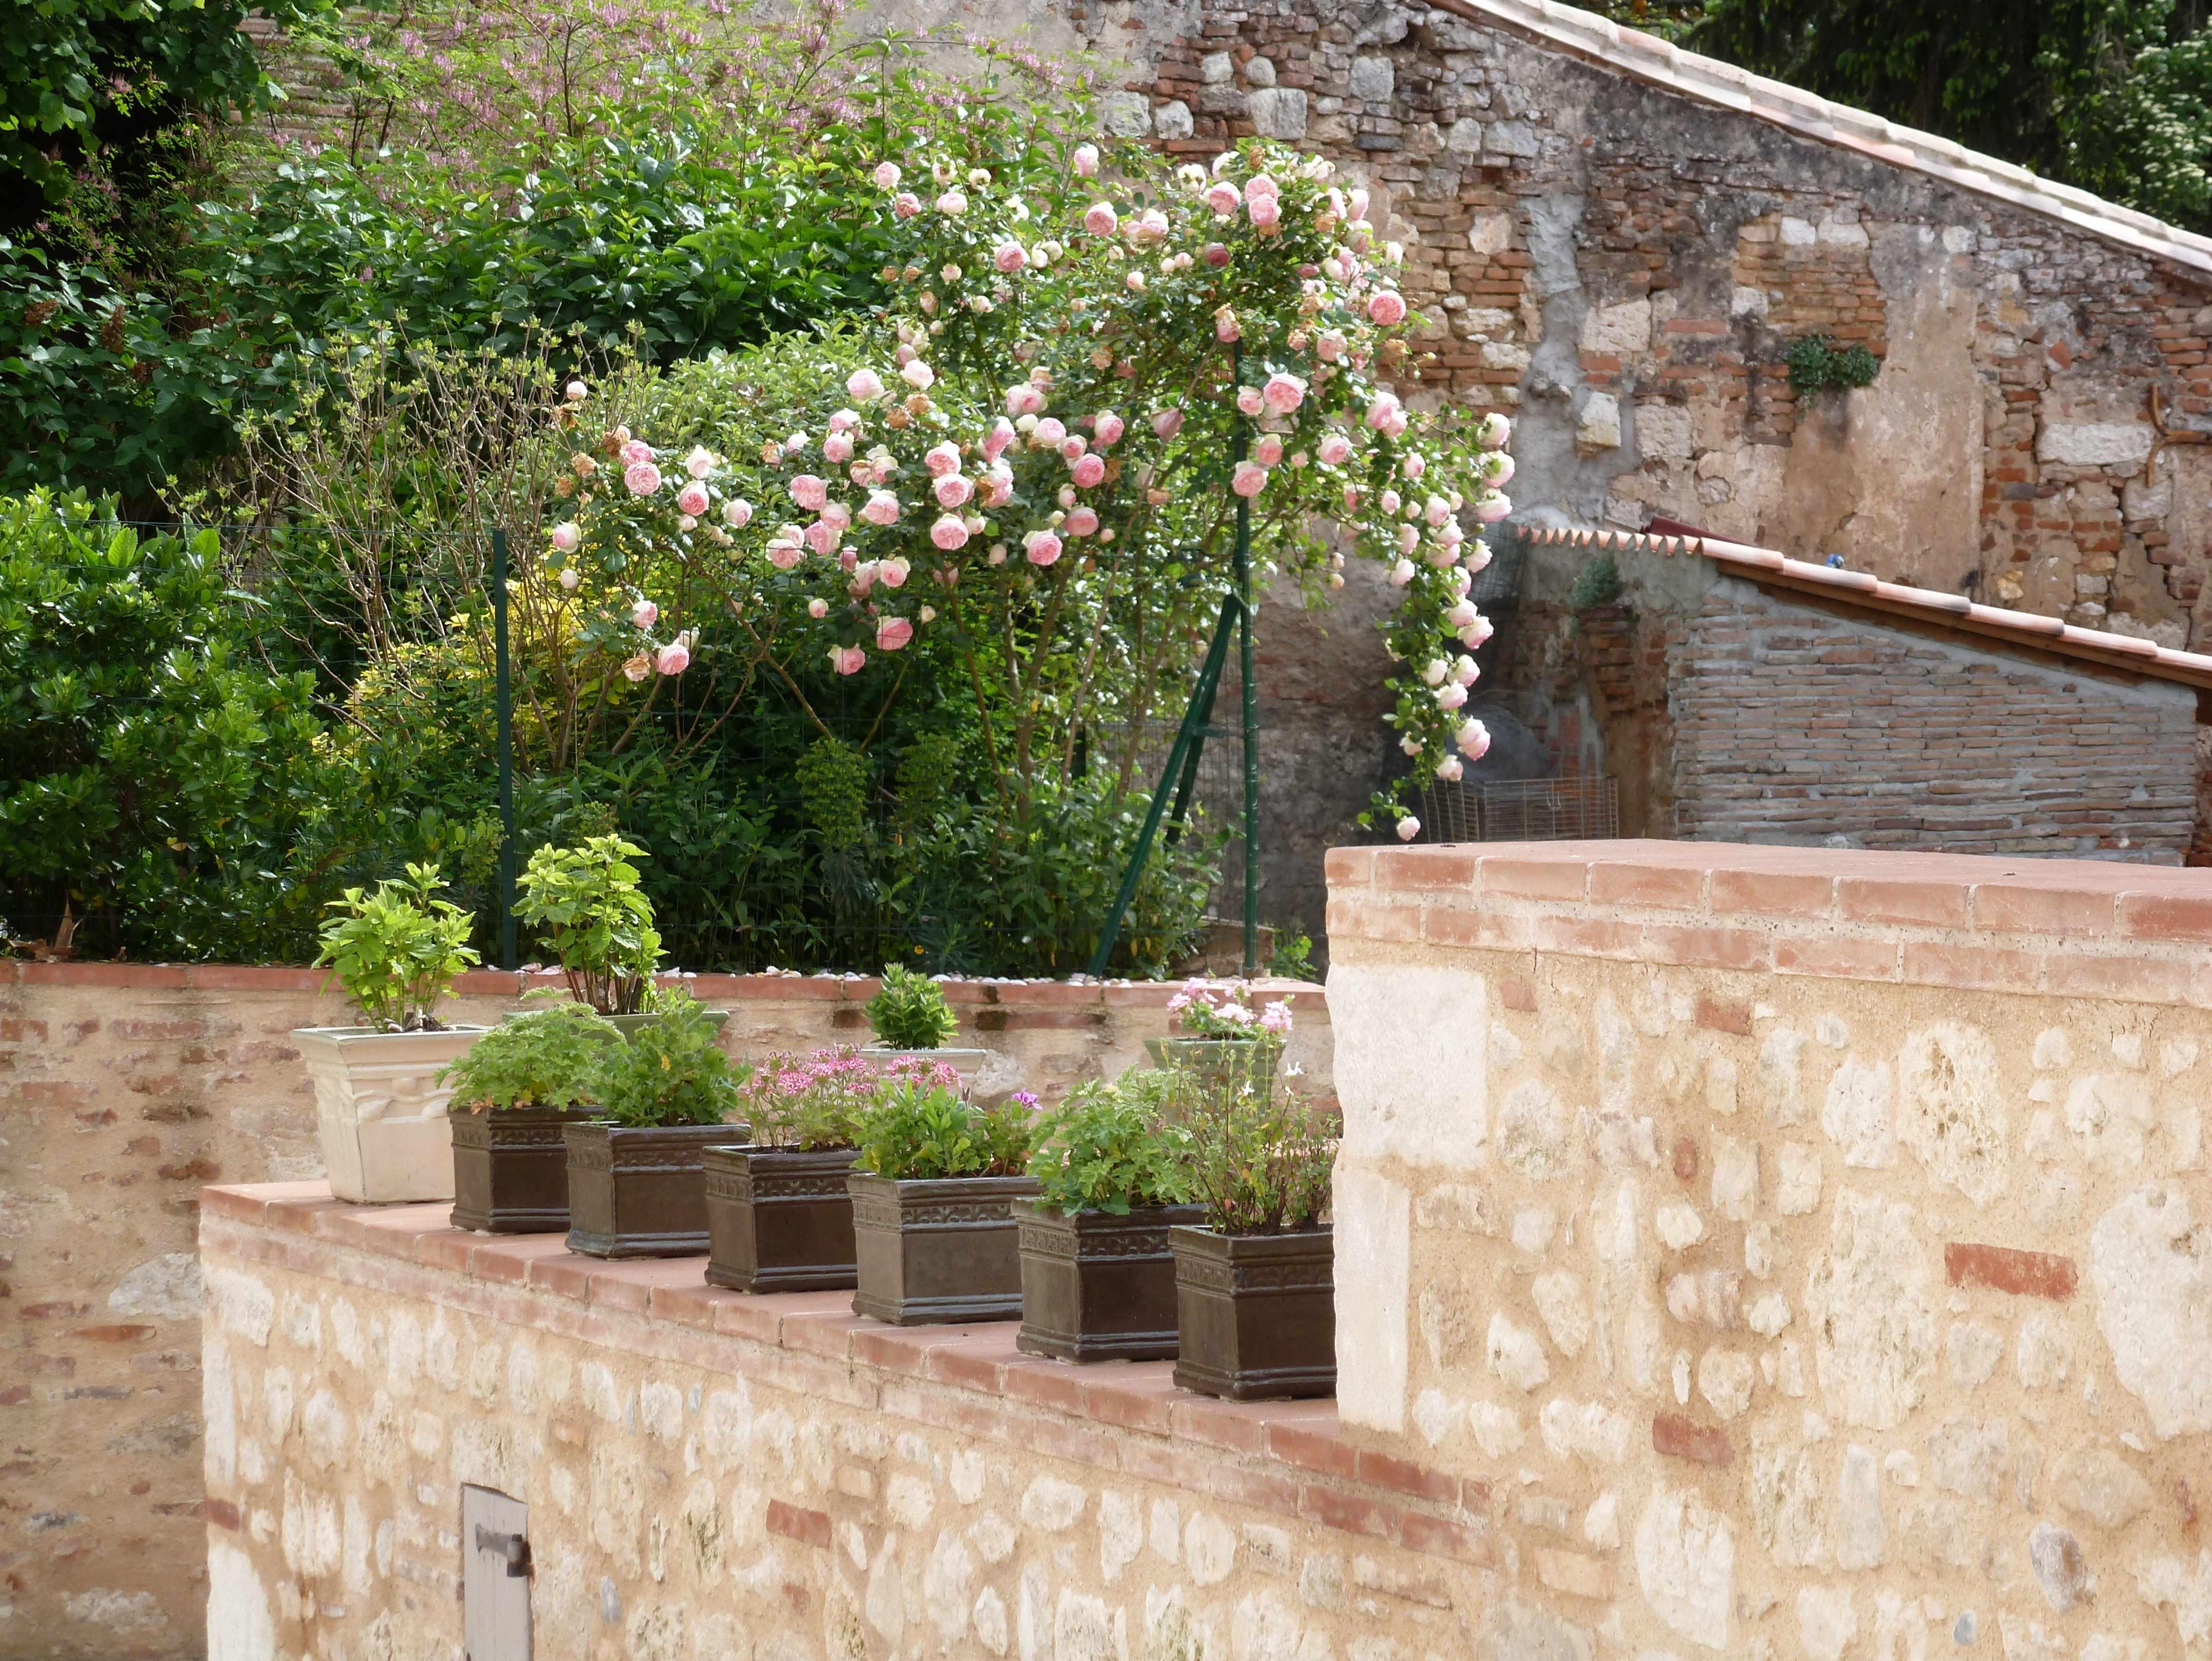 Auvillar-rosier-Pierre-de-Ronsart-2014-05